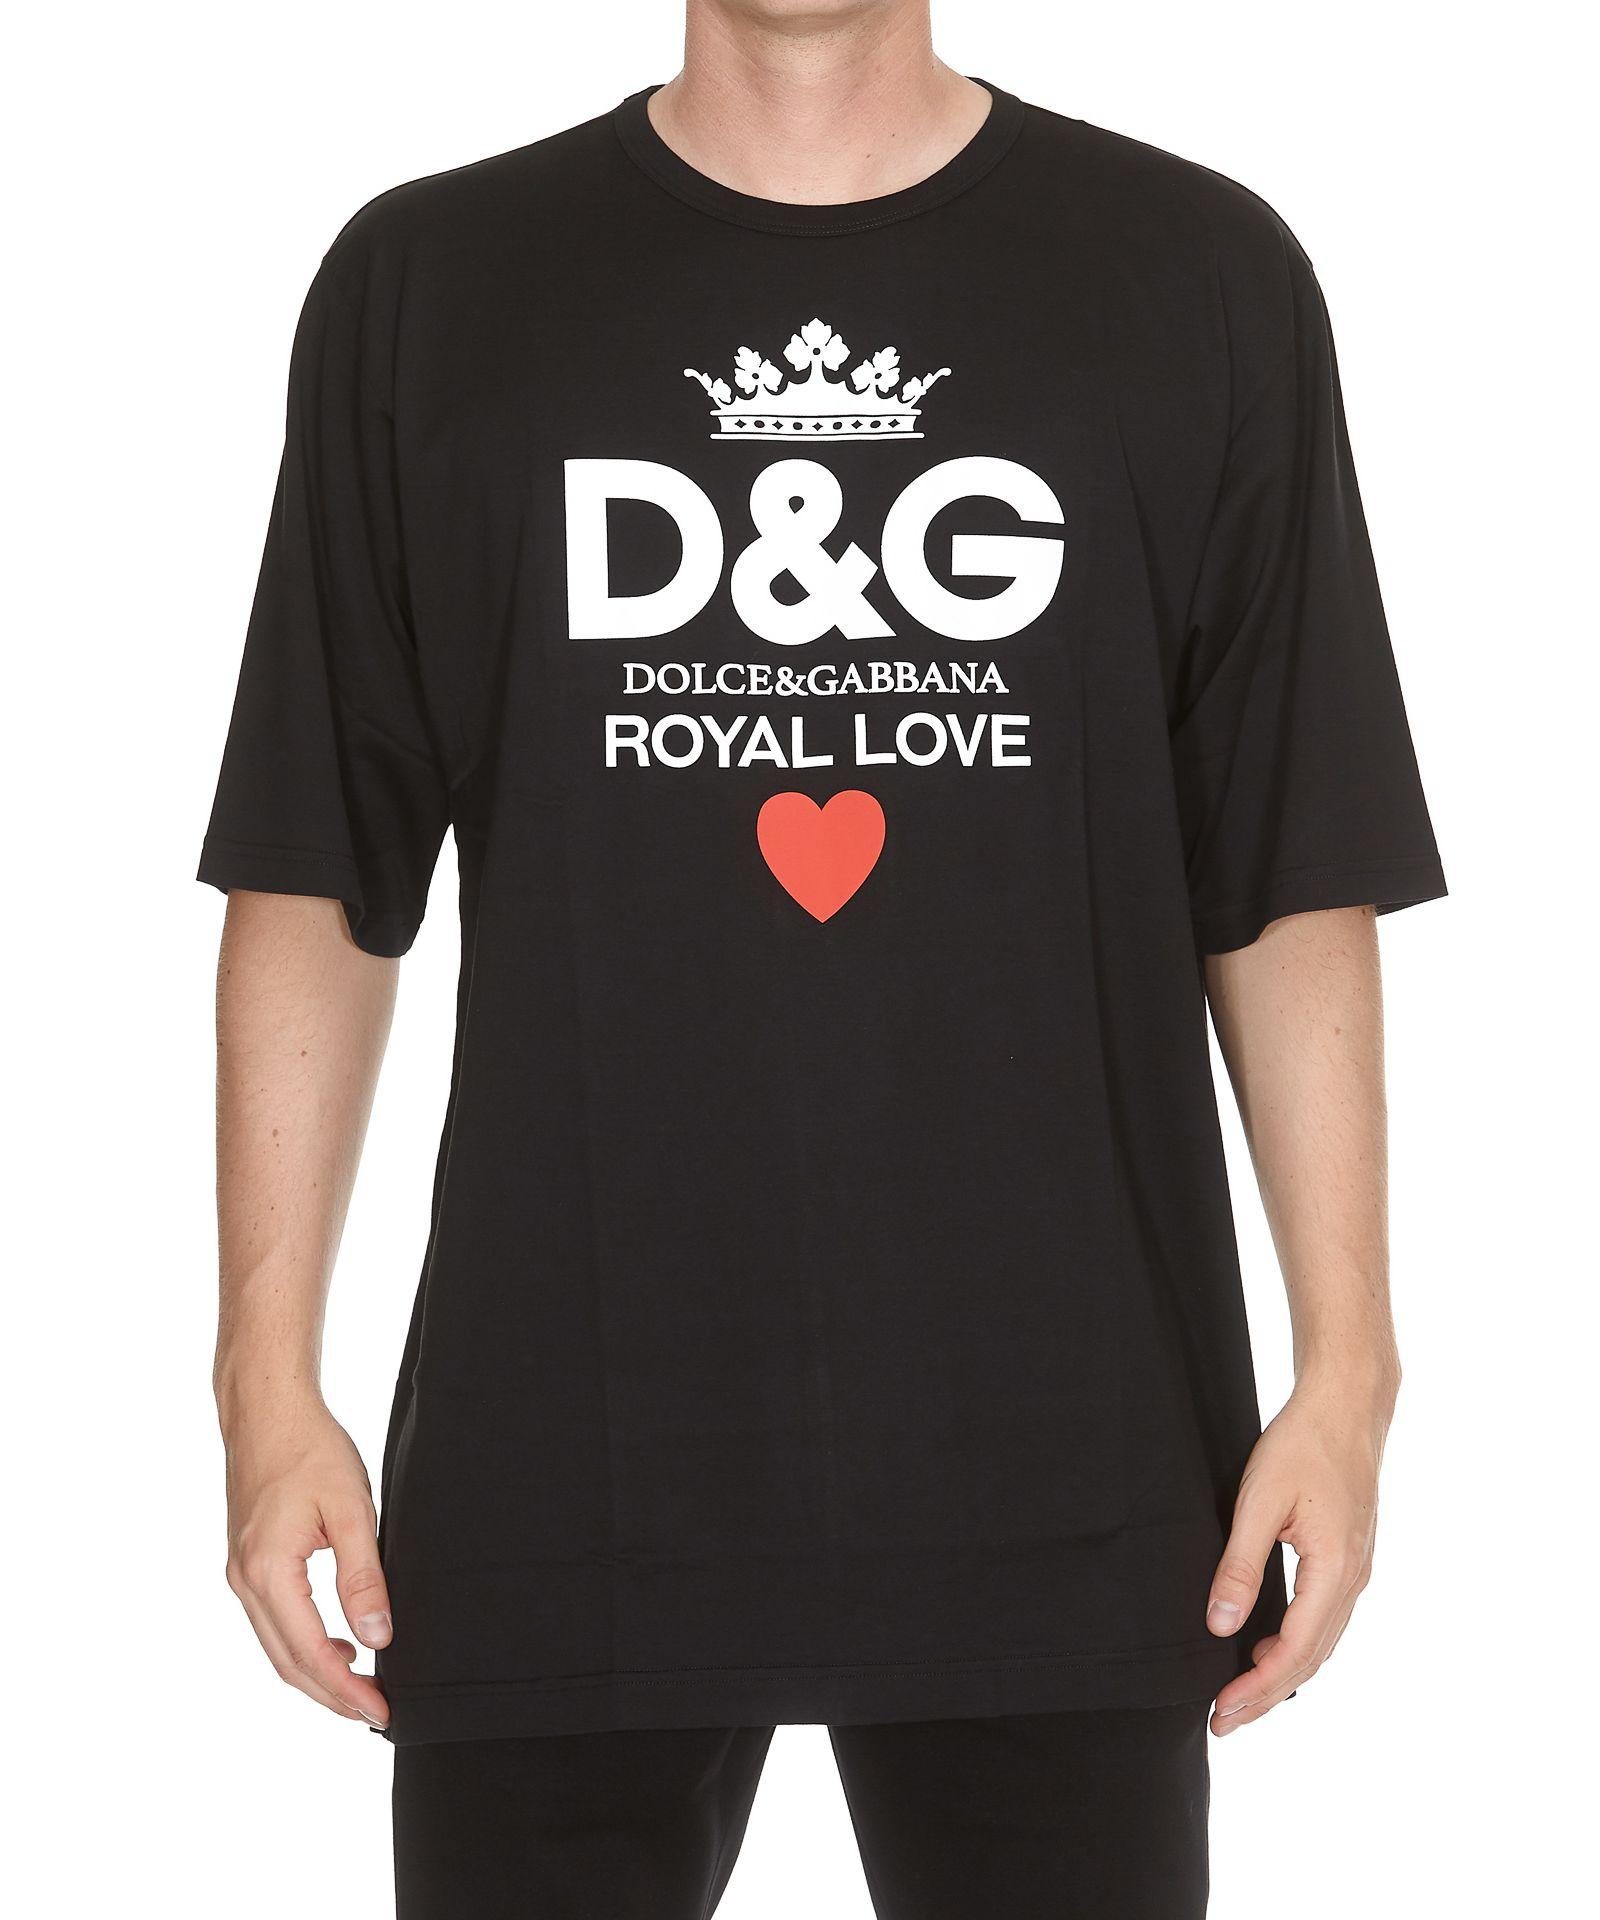 Dolce & Gabbana Royal Love T-shirt